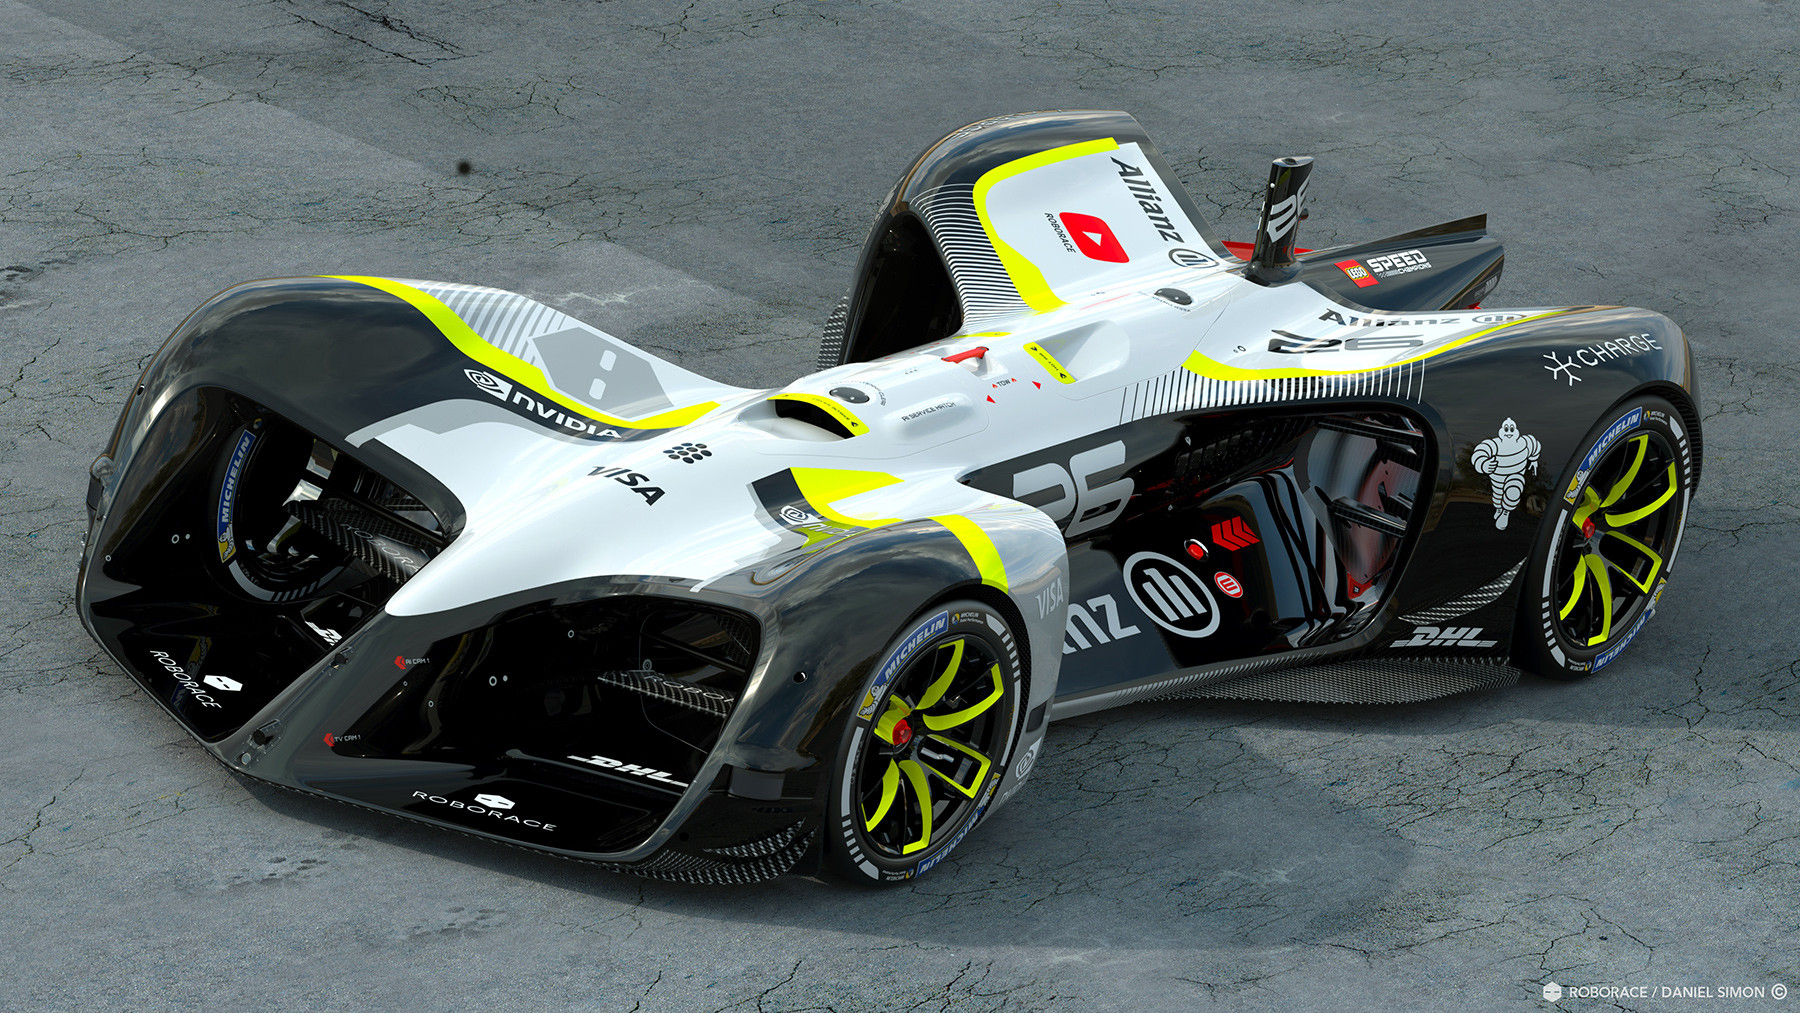 ВоФранции напубличных тестах испытана беспилотная гоночная машина